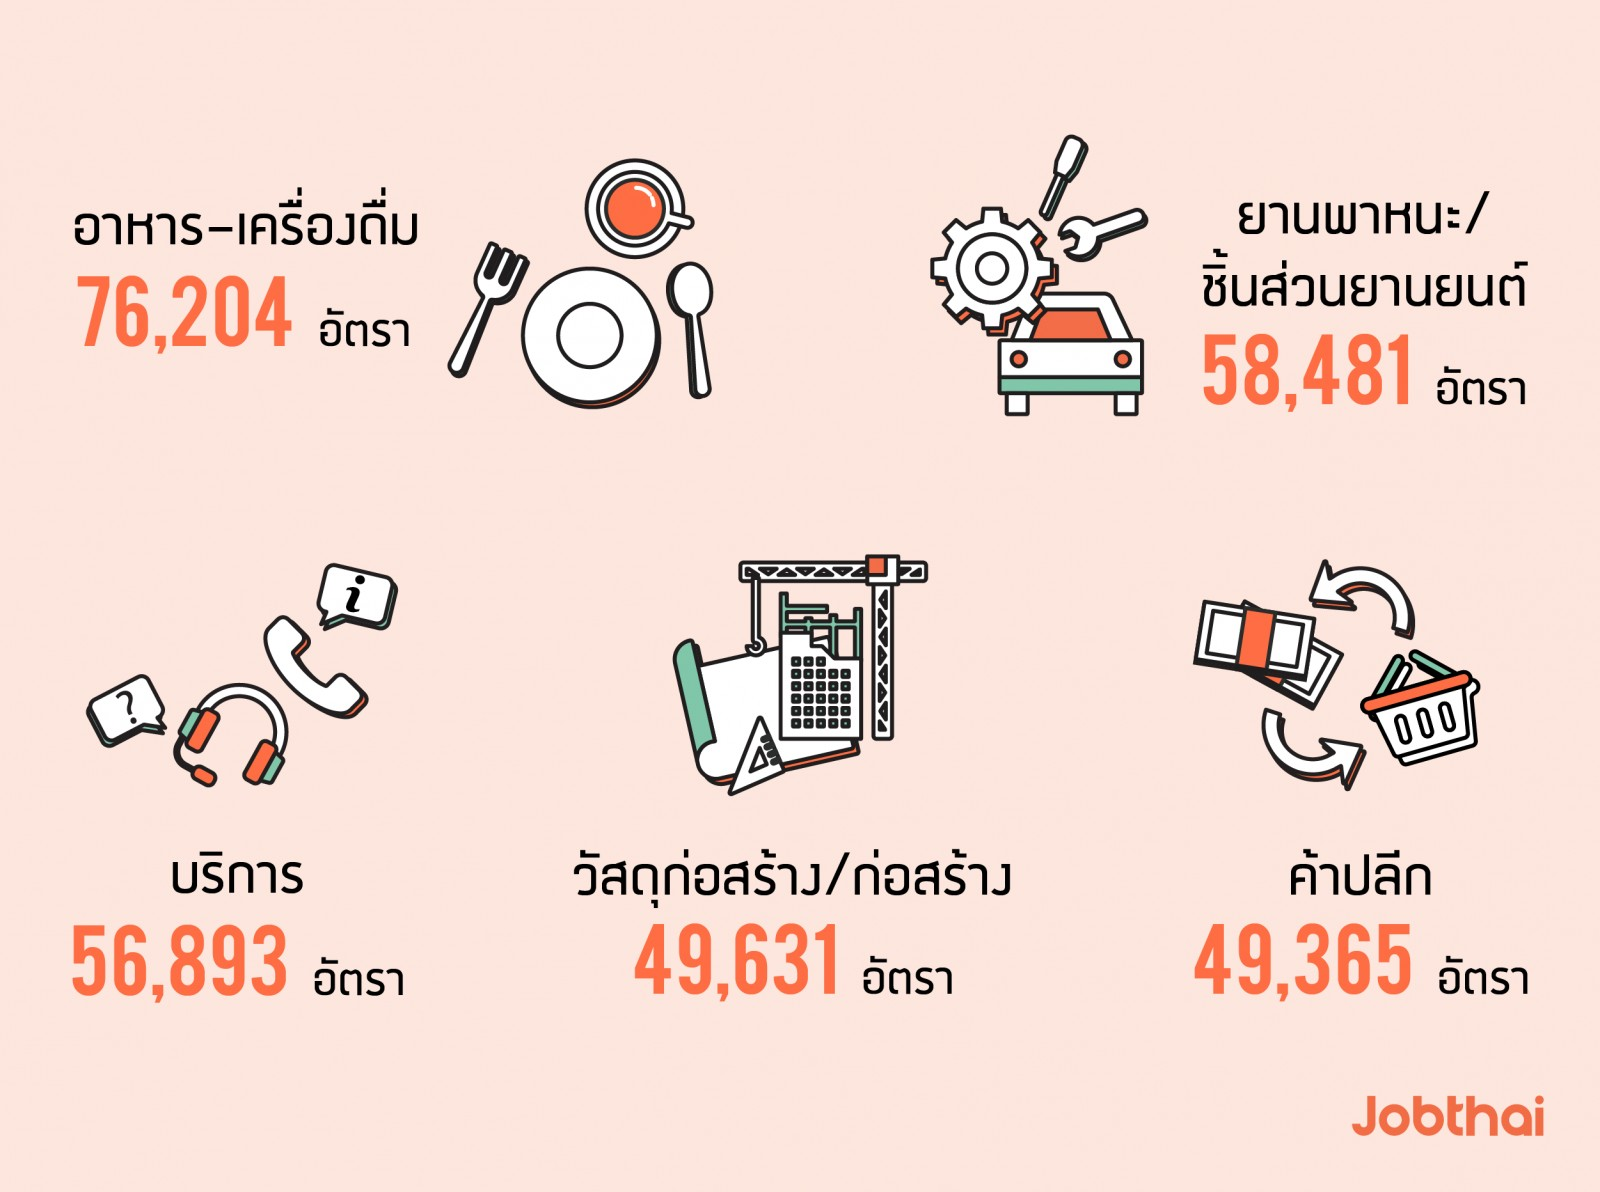 อัปเดตเทรนด์ตลาดแรงงาน งานยอดนิยม และงานที่มีอัตราการแข่งขันสูงในช่วง 6 เดือนแรกของปี 2562 ประเภทธุรกิจ